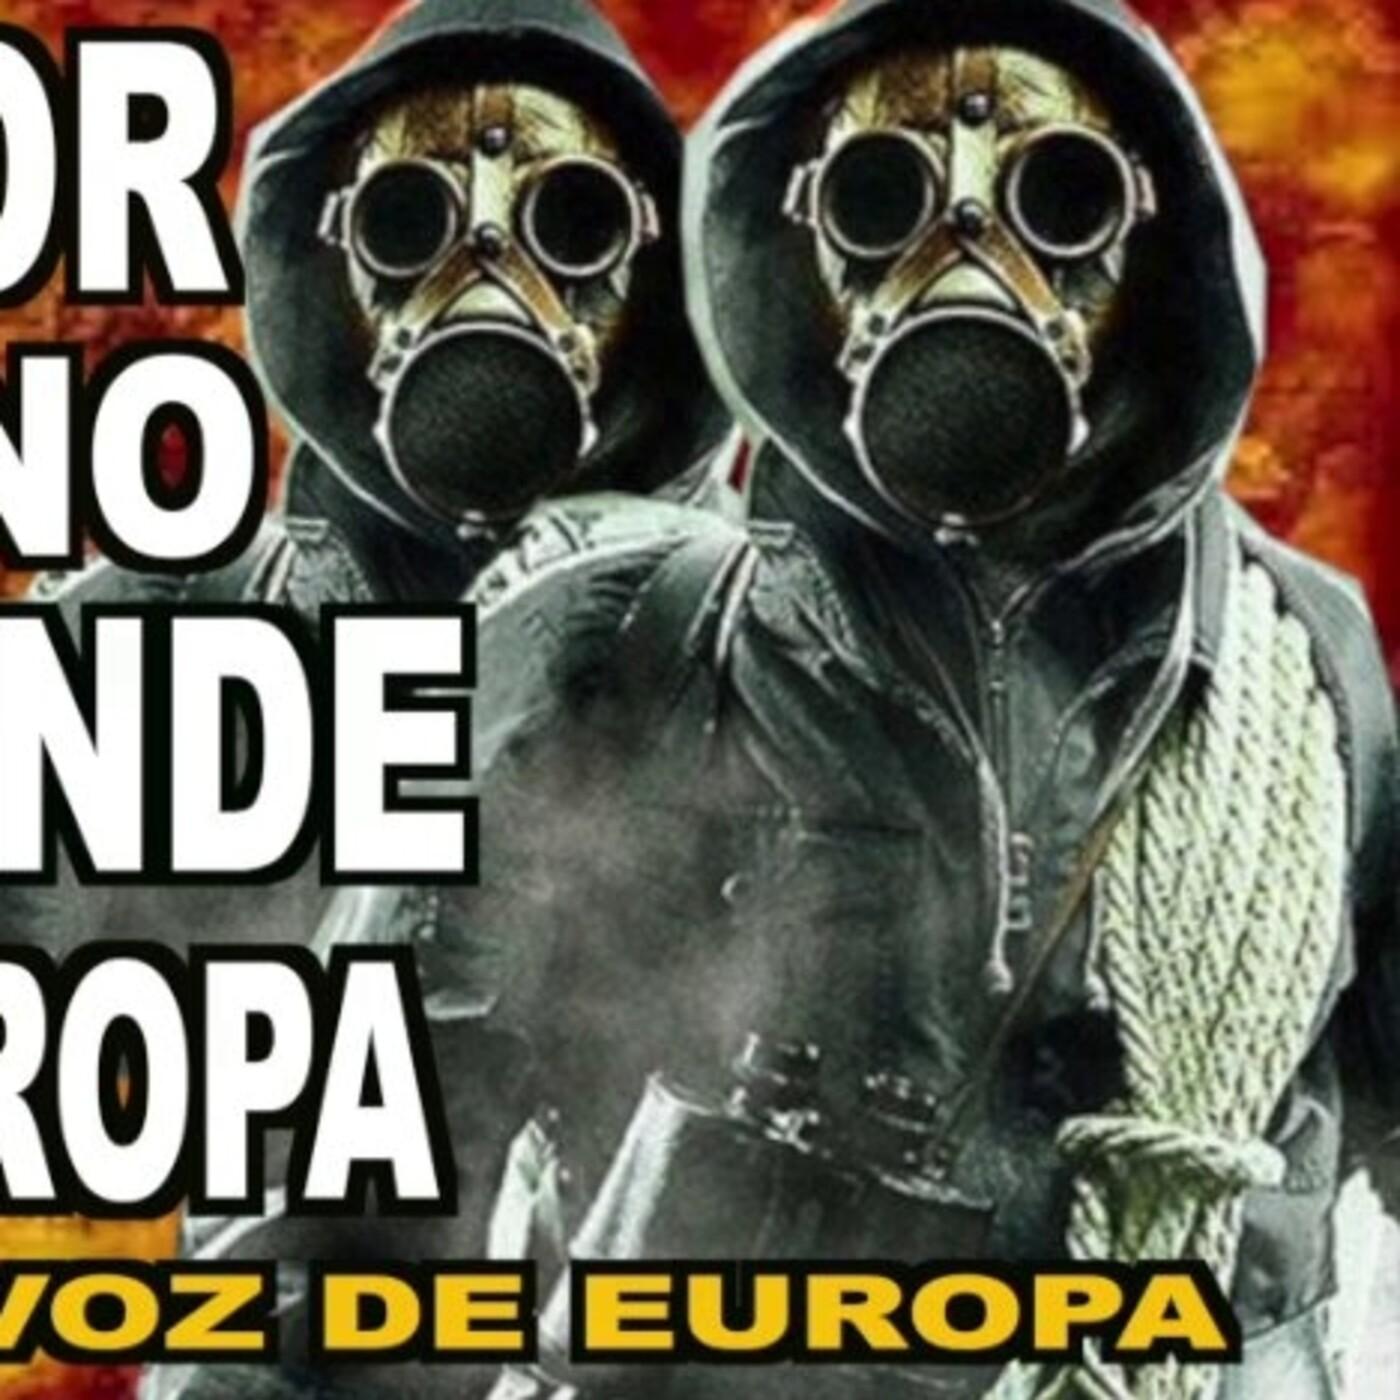 El TERROR covidiano se extiende por EUROPA